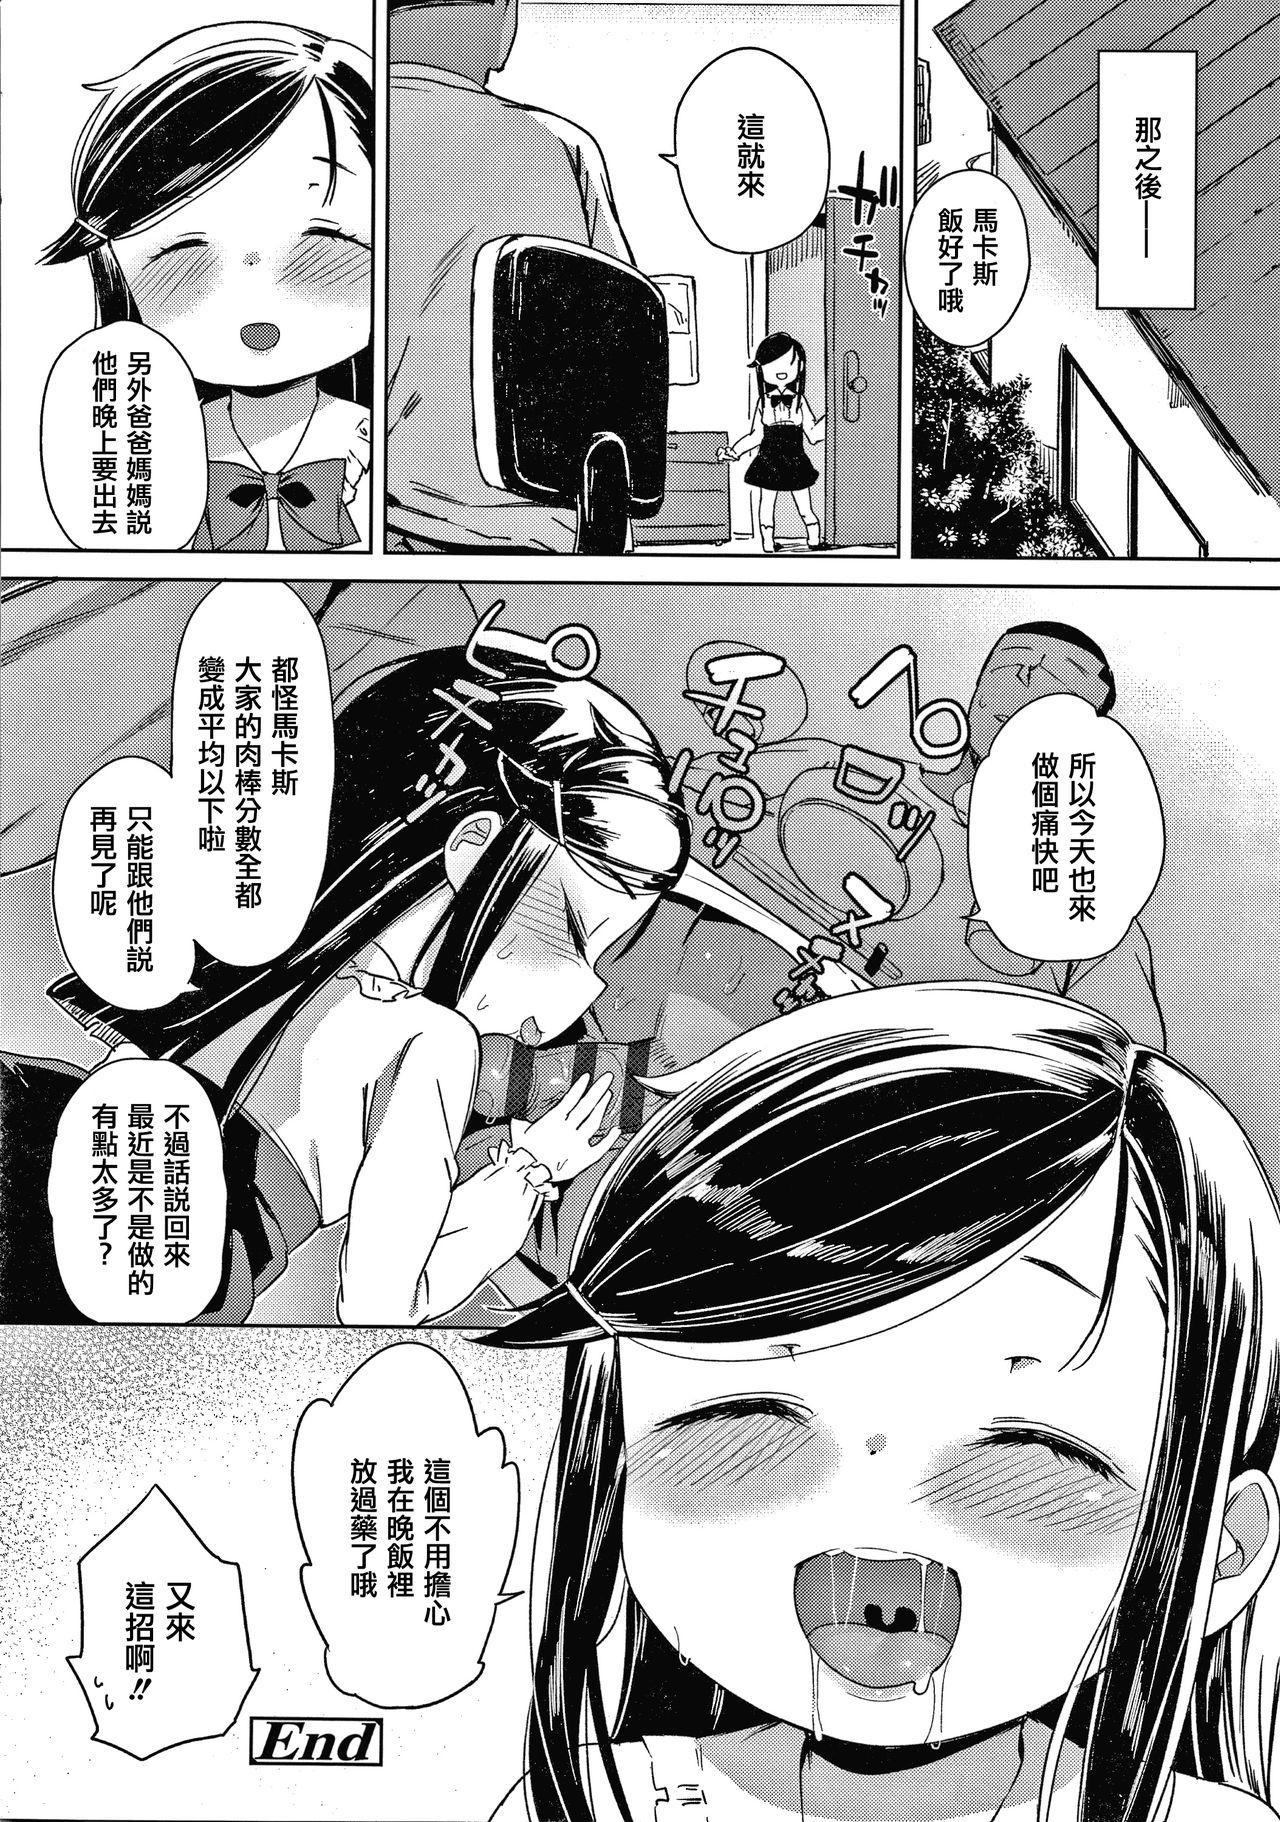 Tsugou ga Yokute Kawaii Mesu. 145